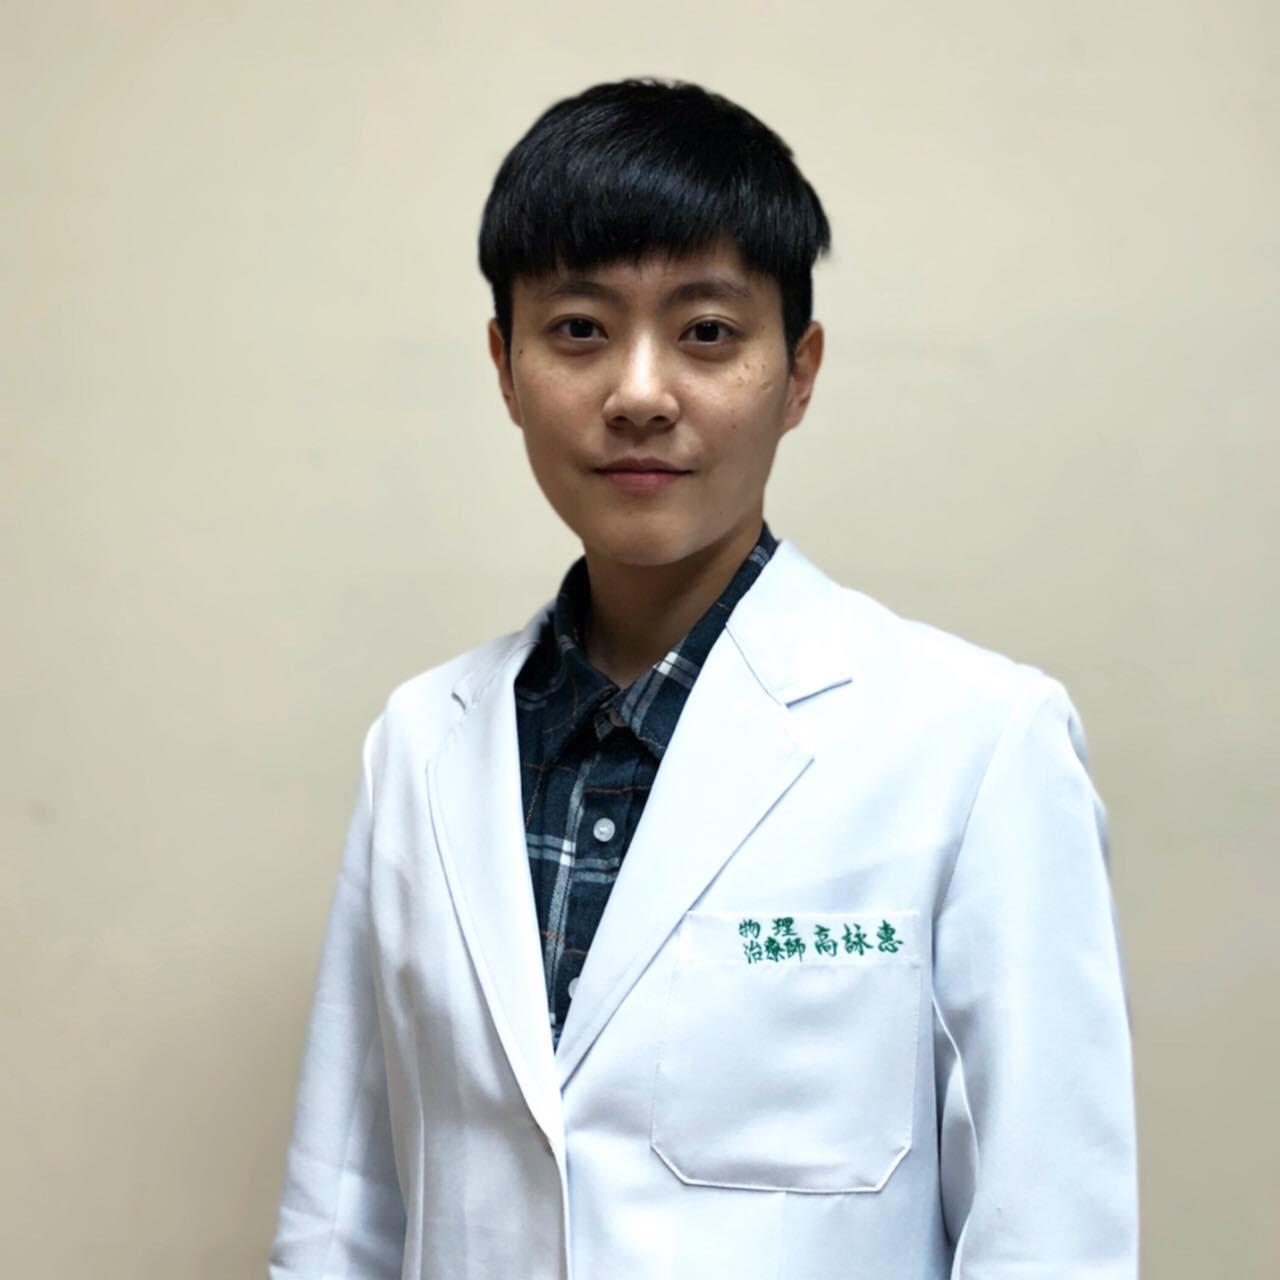 高詠惠/物理治療師